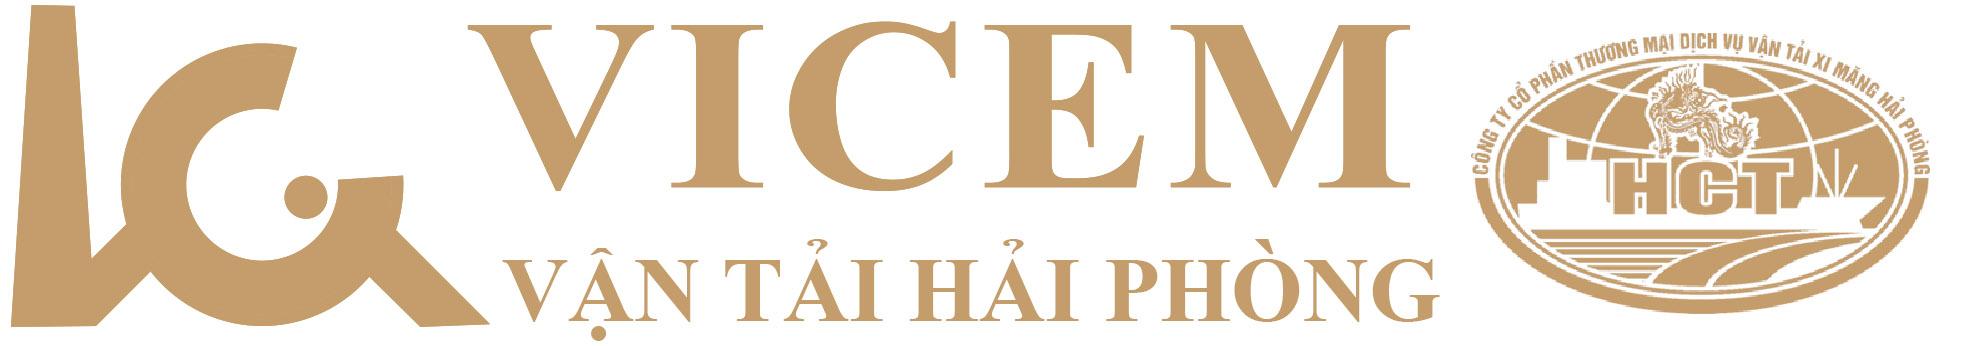 Công ty CPTM Dịch vụ Vận tải Xi măng Hải Phòng